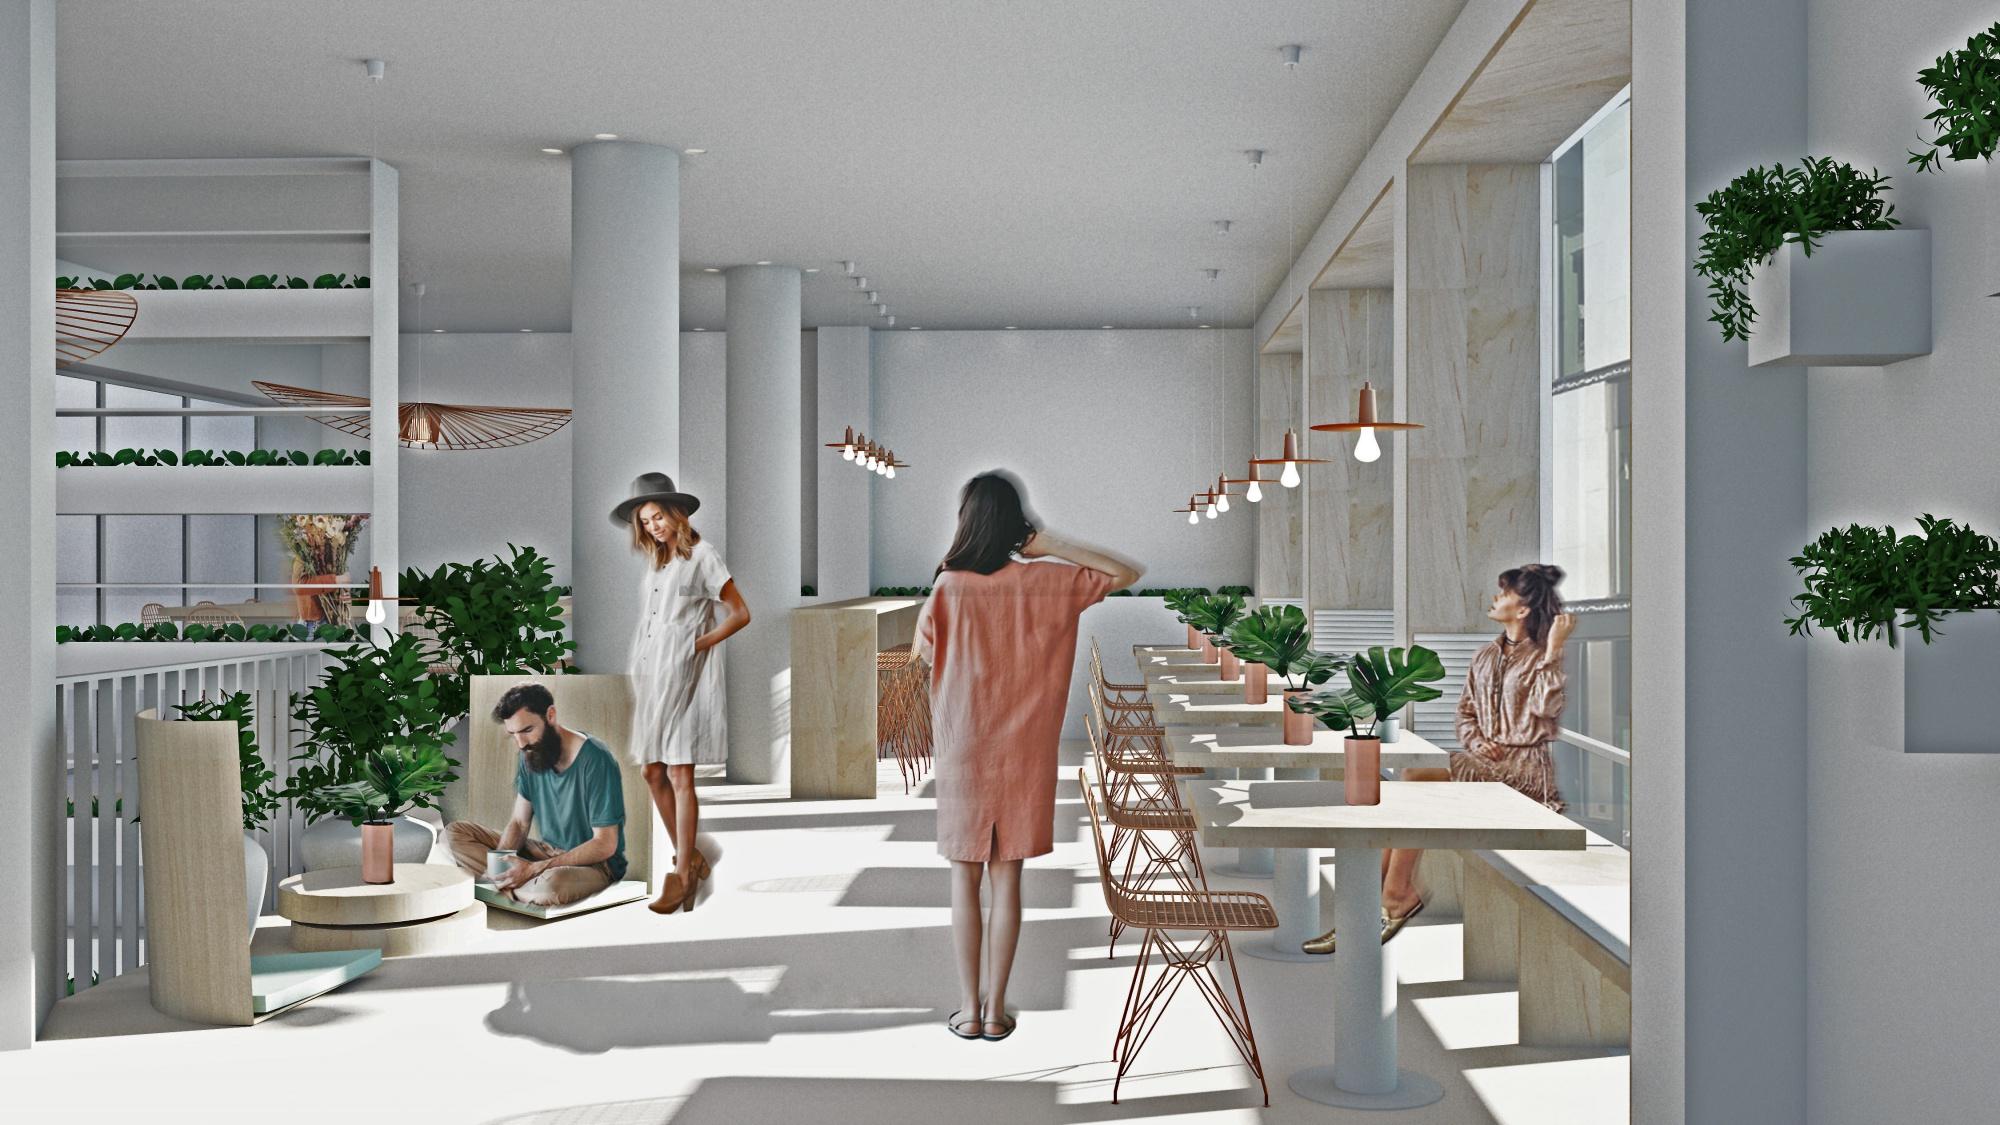 farben im interieur geschickt eisetzen 3d visualisierung, thema hochschulen - seite 9 von 11 - bund deutscher innenarchitekten, Design ideen